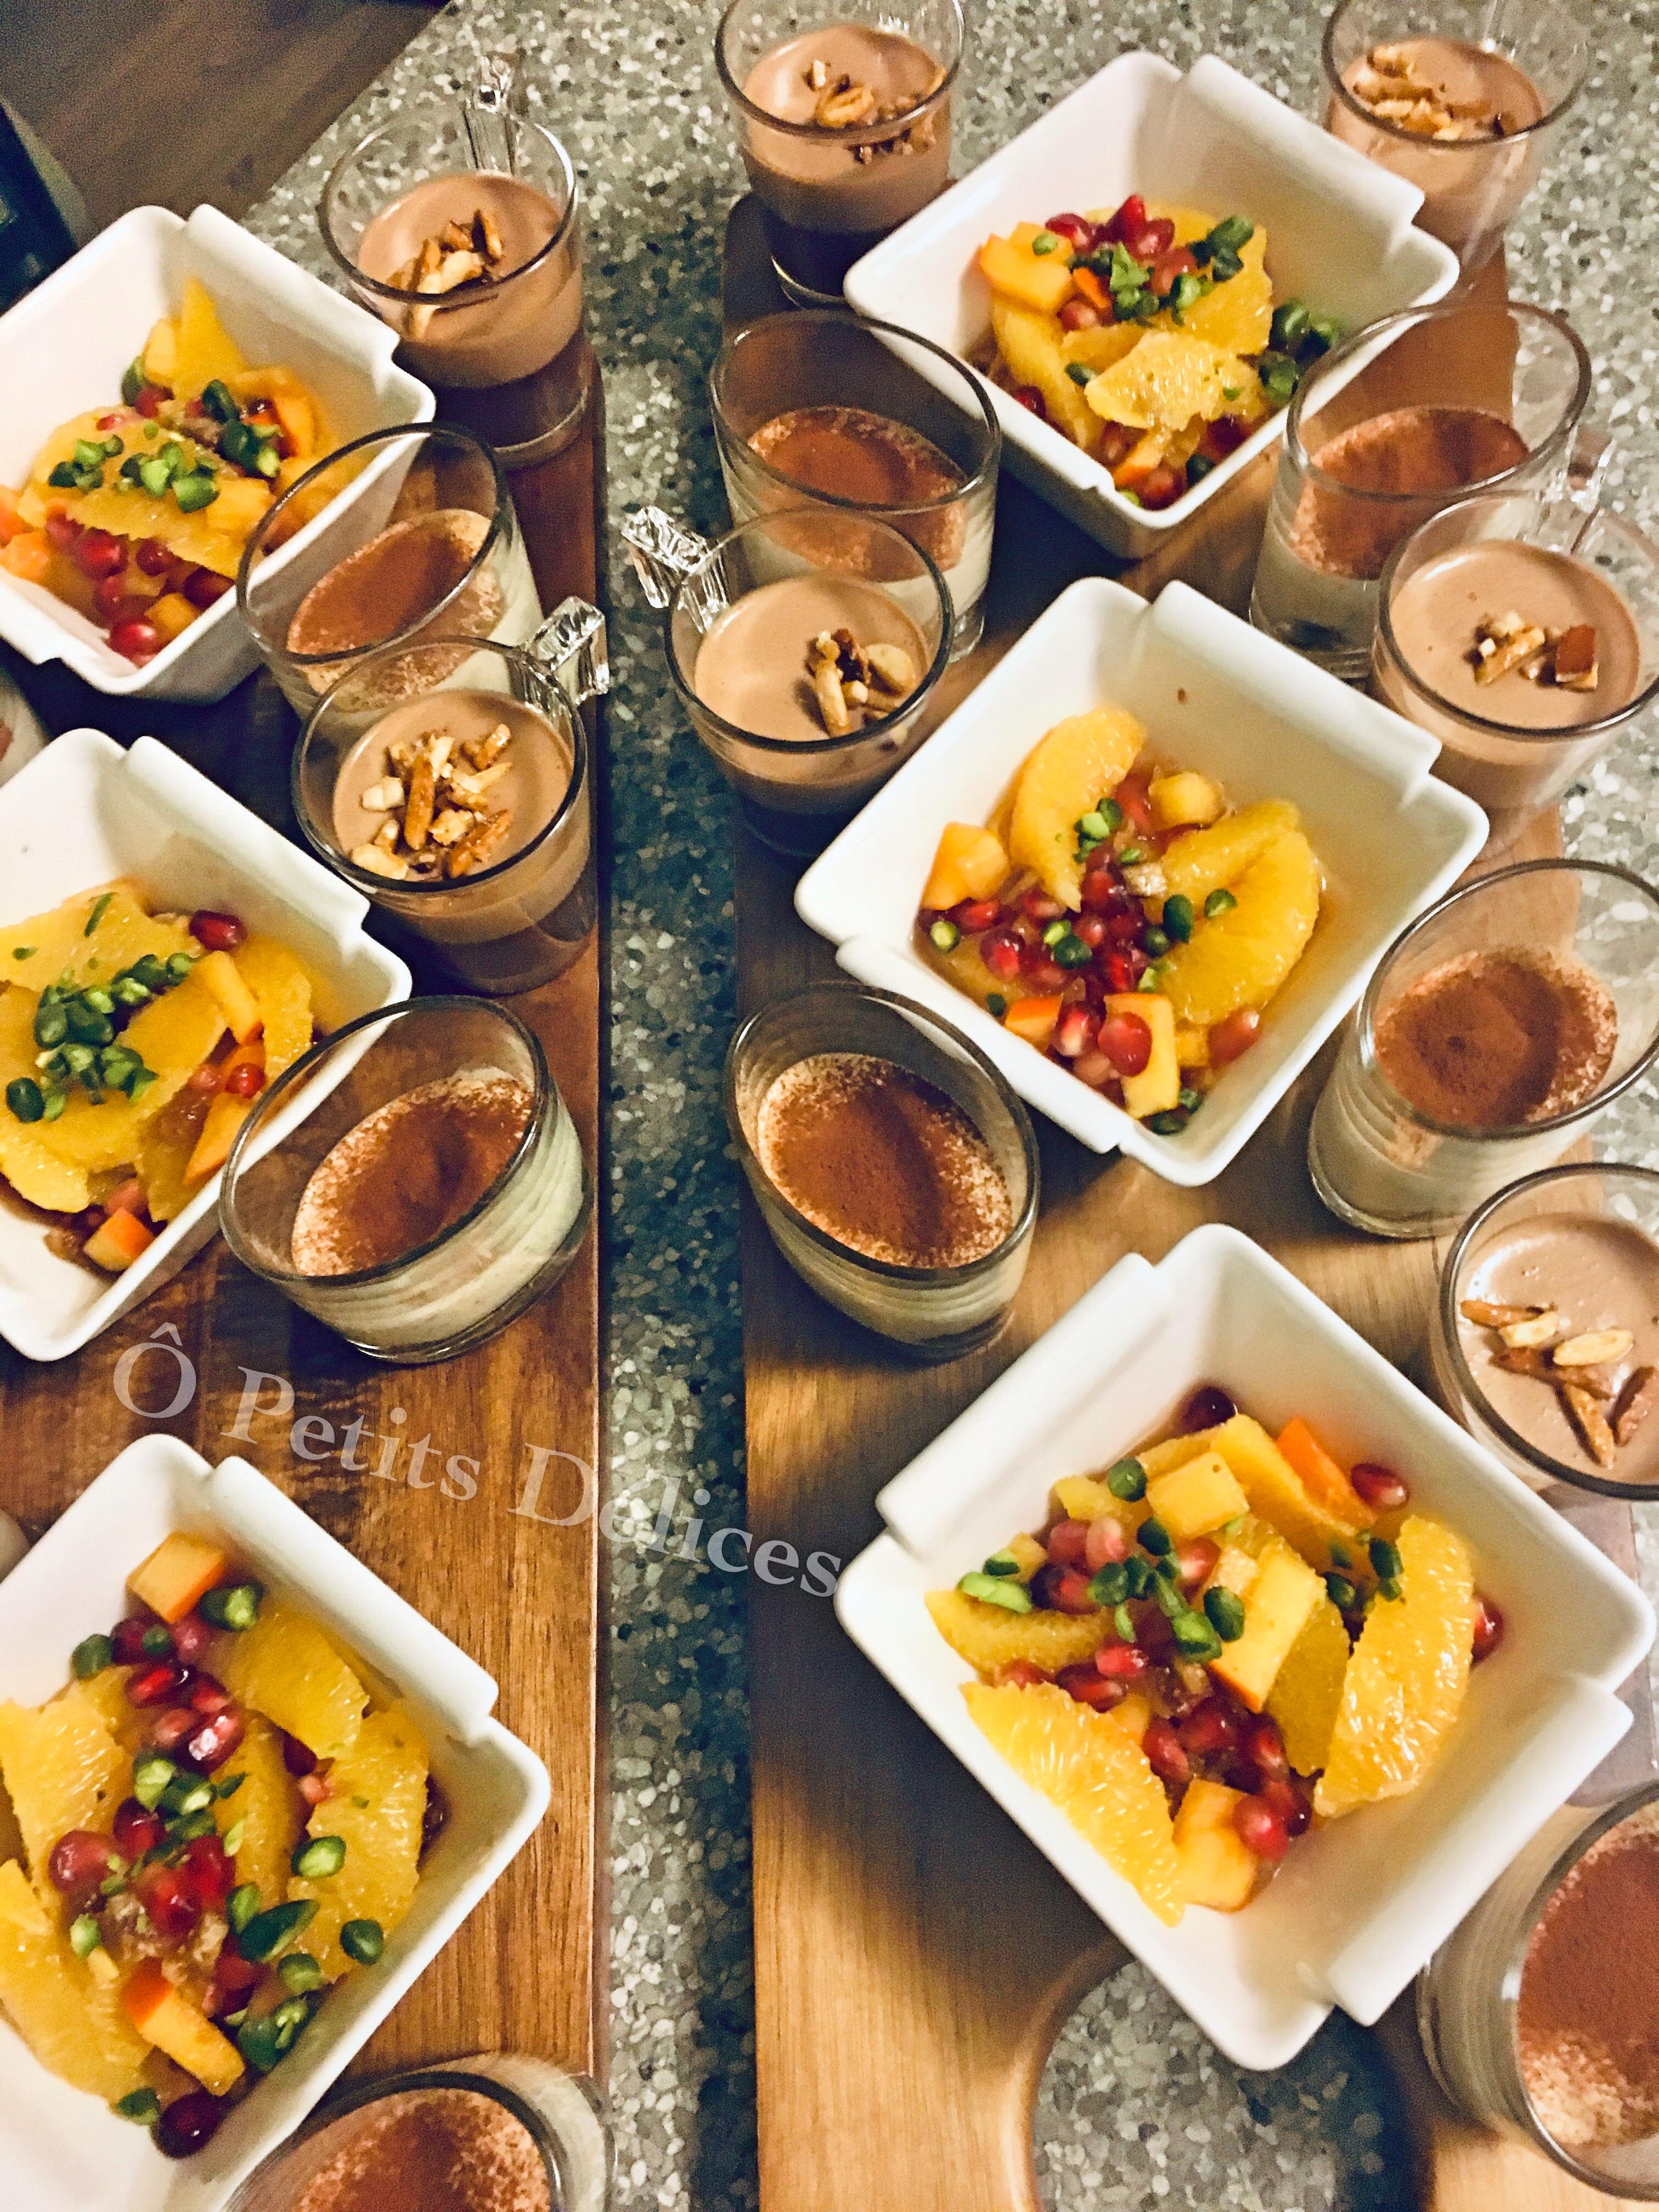 Fruchtsalat, Tiramisu, Schokimousse